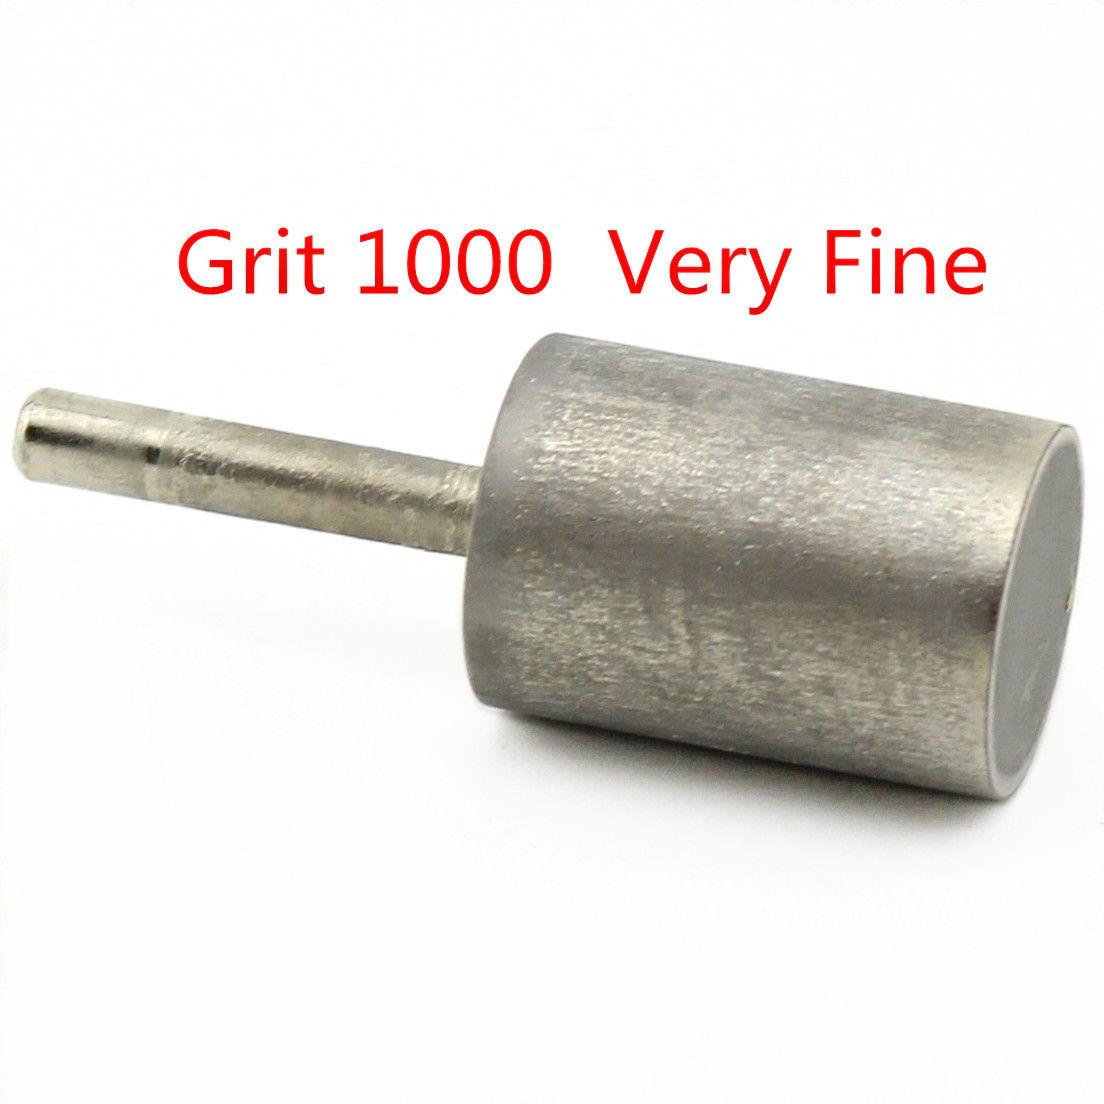 16-25mm Grit 1000 Zylinder Diamant Schleifen Kopf Zylindrischen Dreh Bits Jade ILOVETOOL